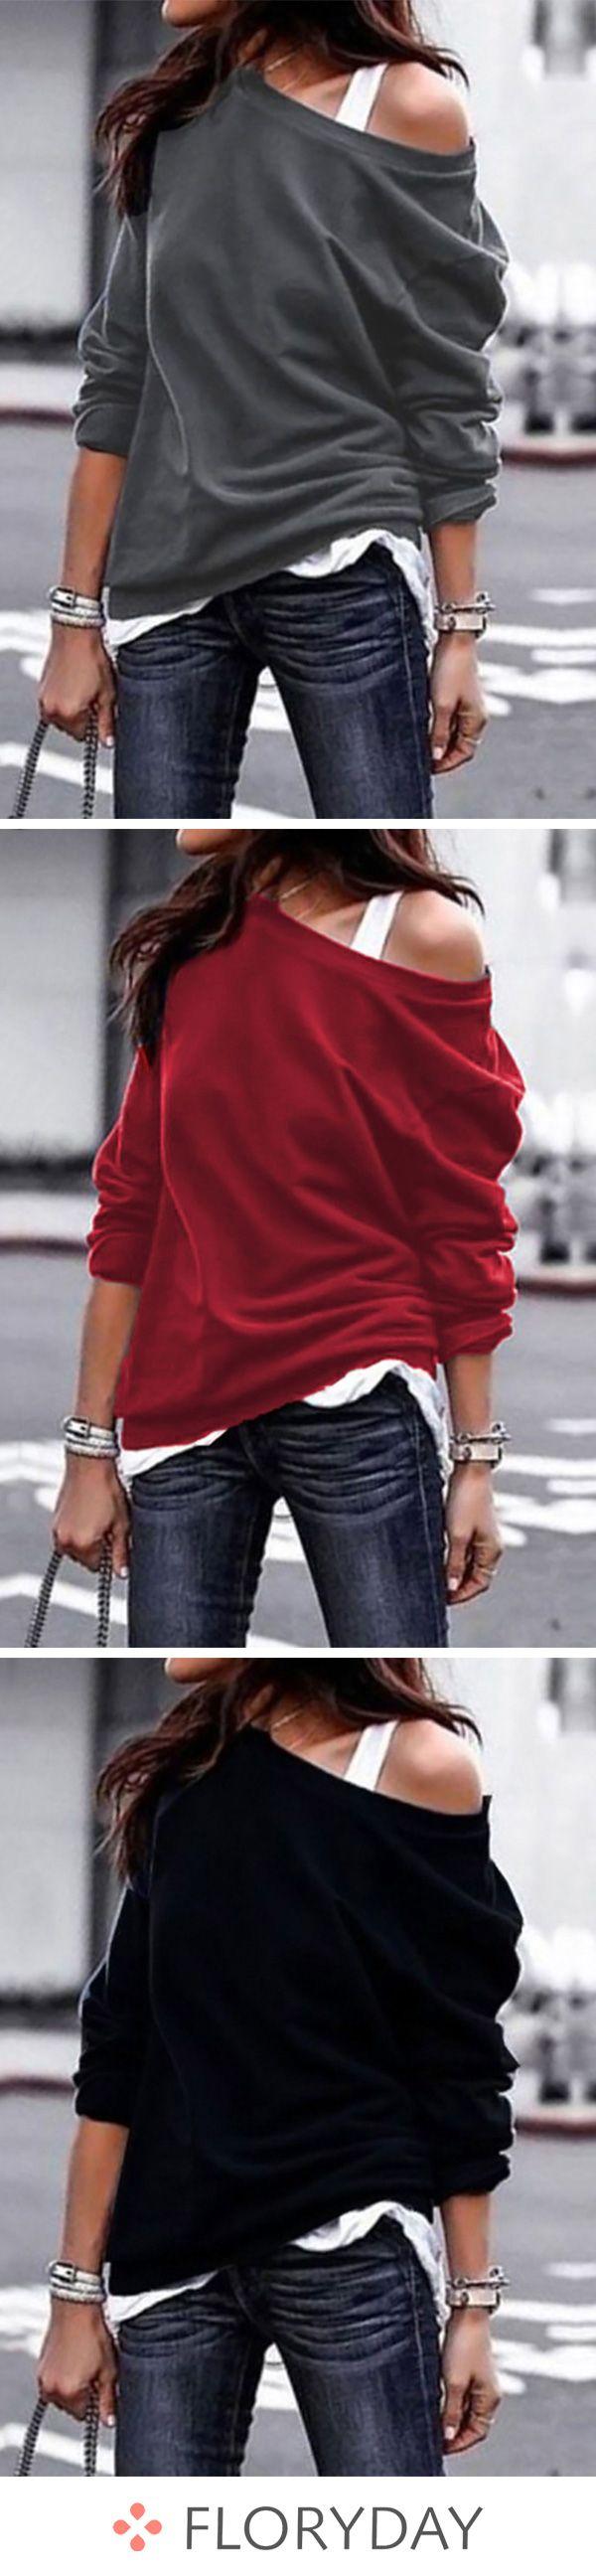 Solid Novelty Oblique Neckline Sweatshirts